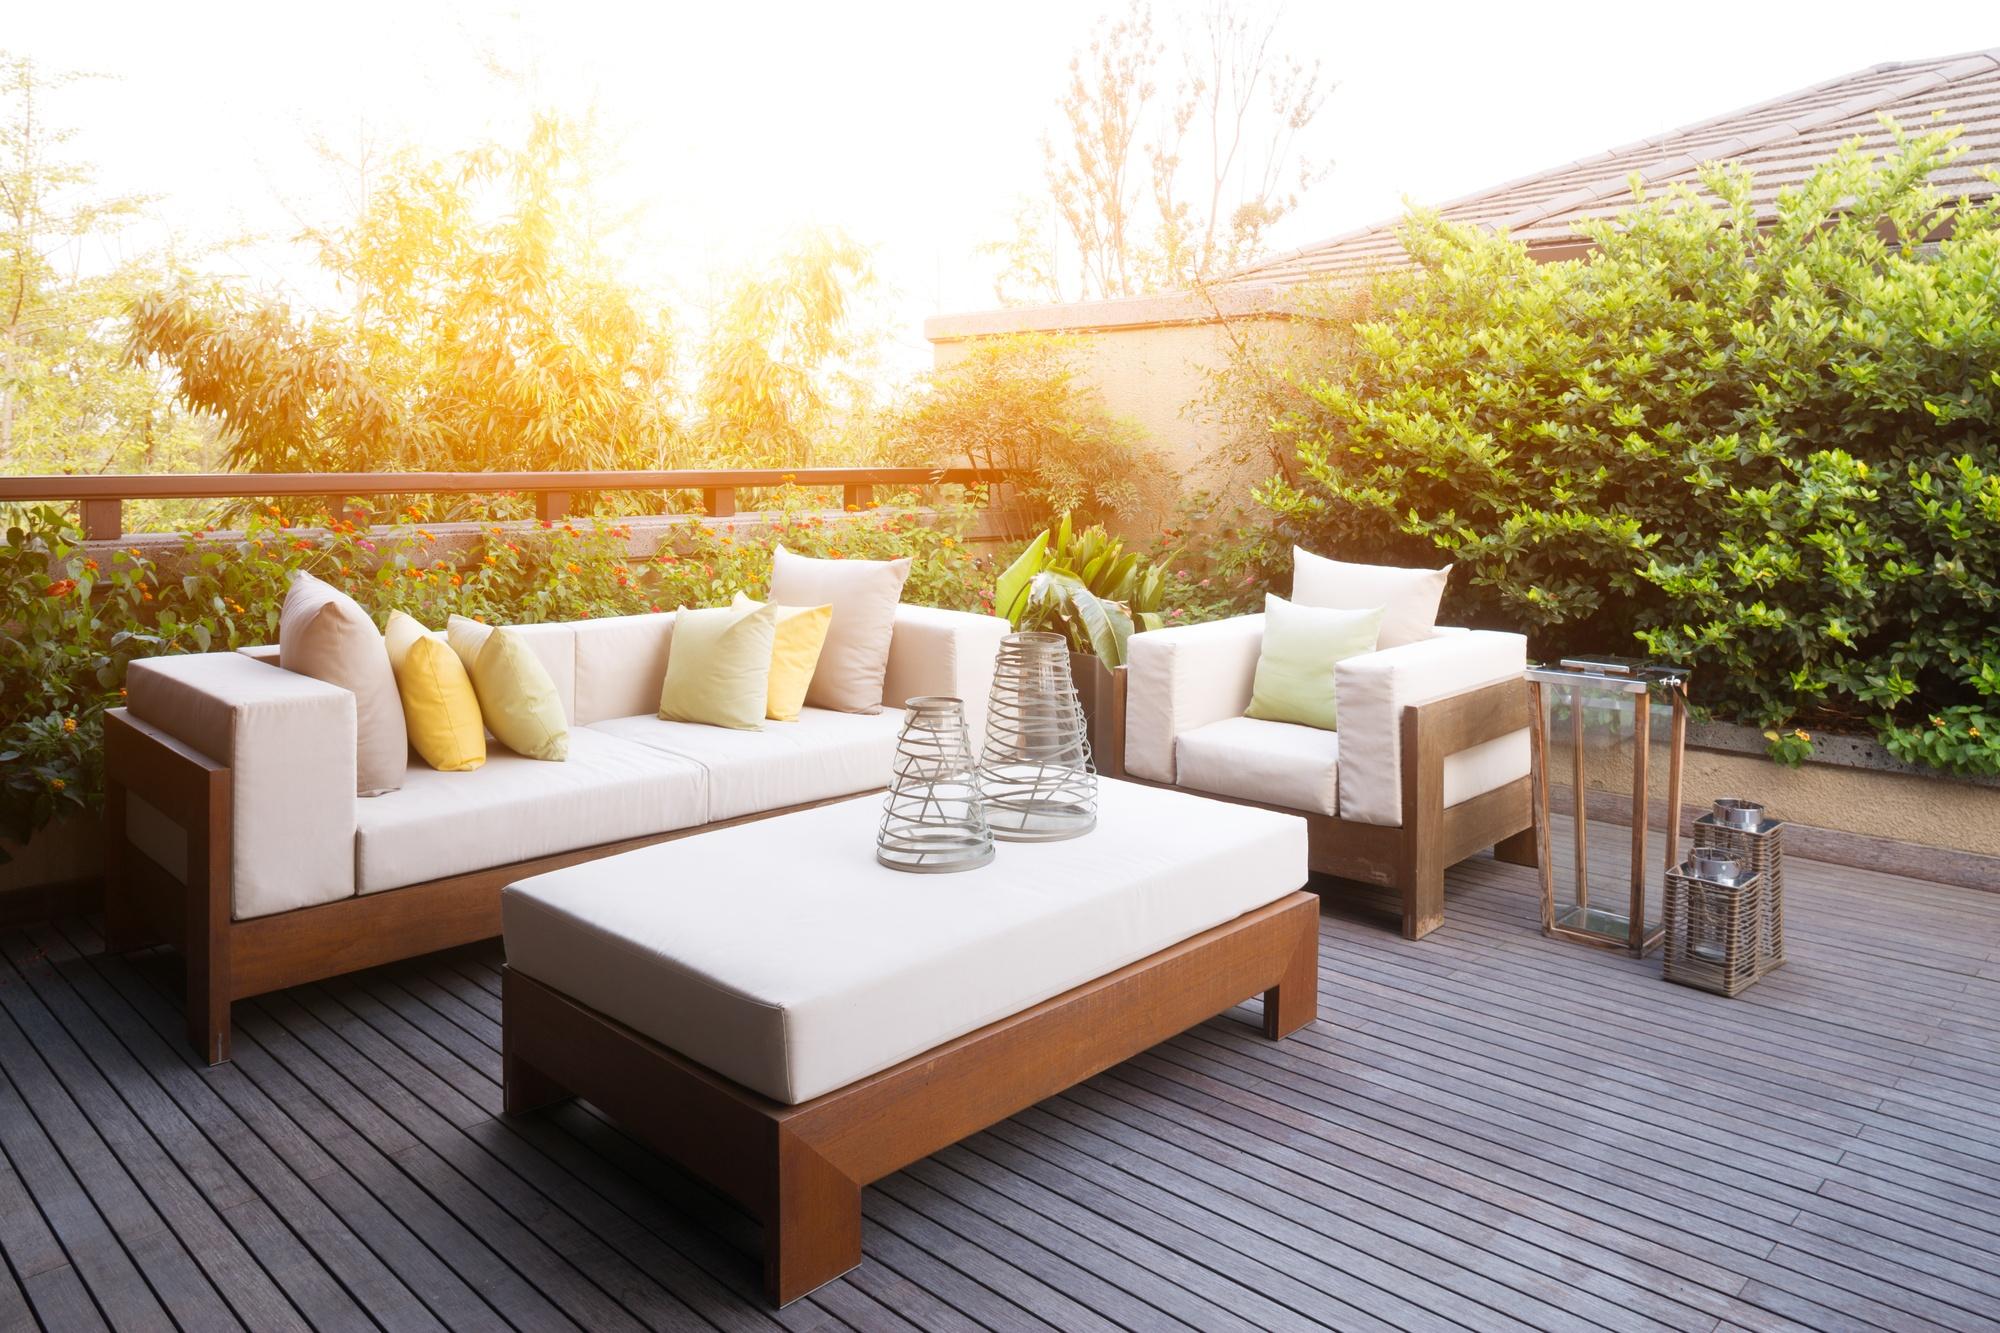 Outdoor Spaces: Creating a Cozy Patio